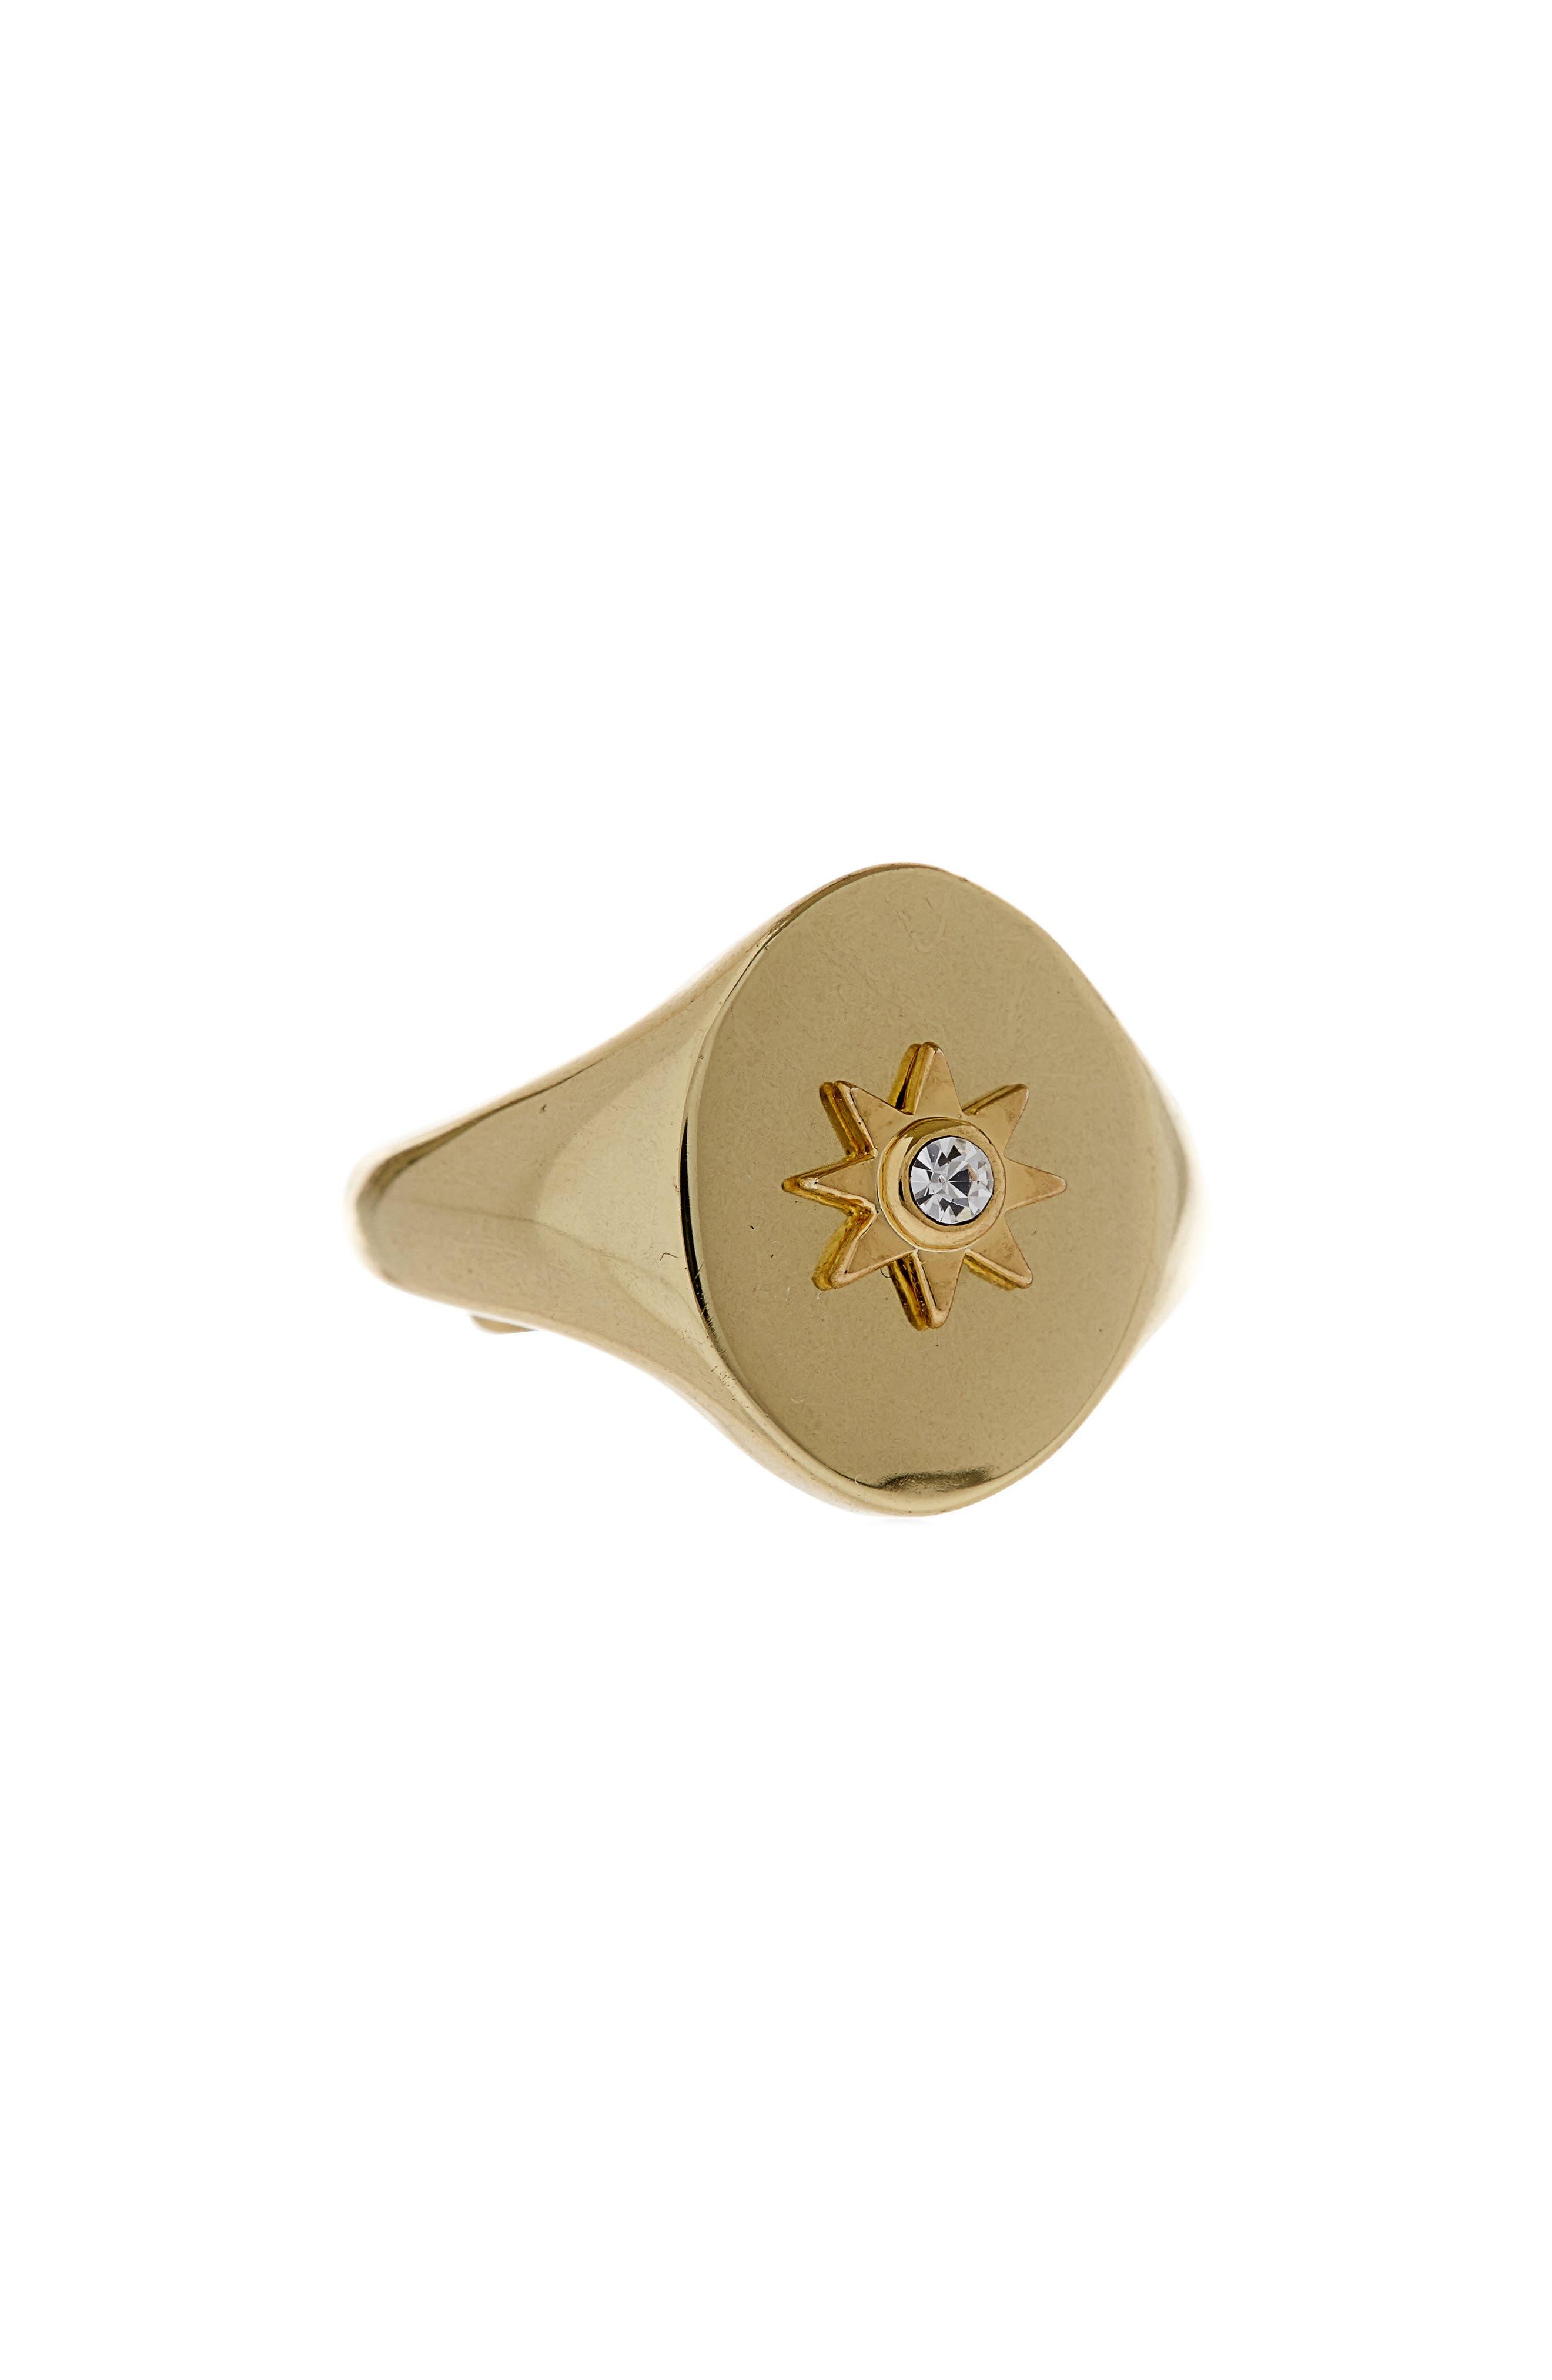 Revel Starburst Signet Ring,                             Main thumbnail 1, color,                             Gold